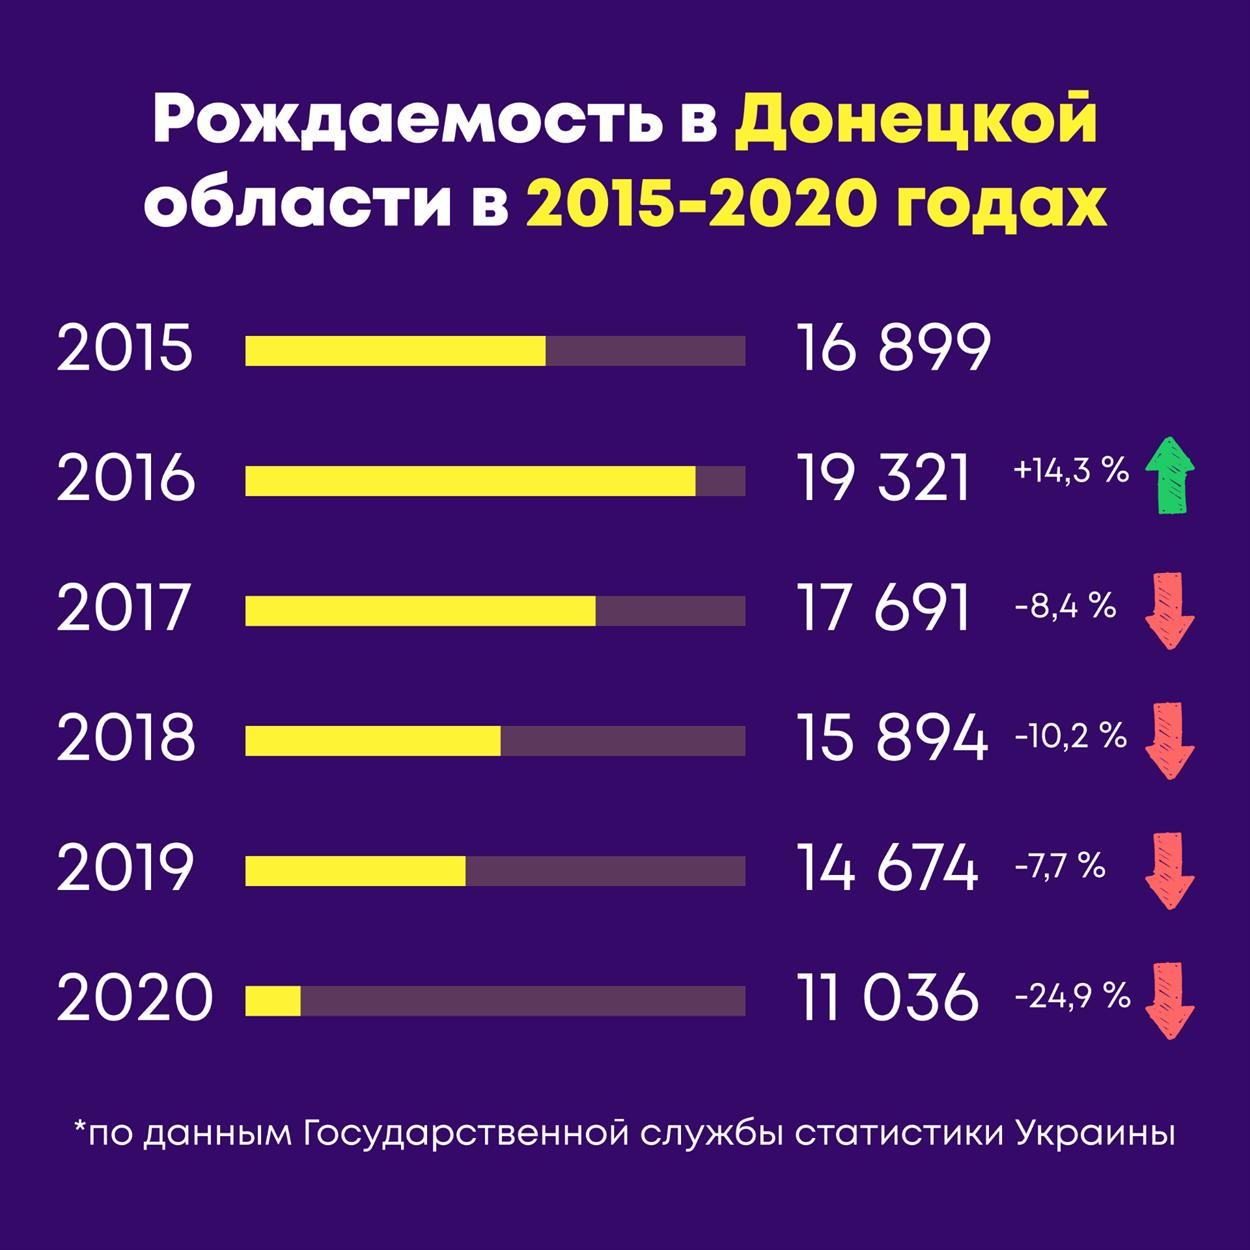 народжуваність на Донеччині з 2015